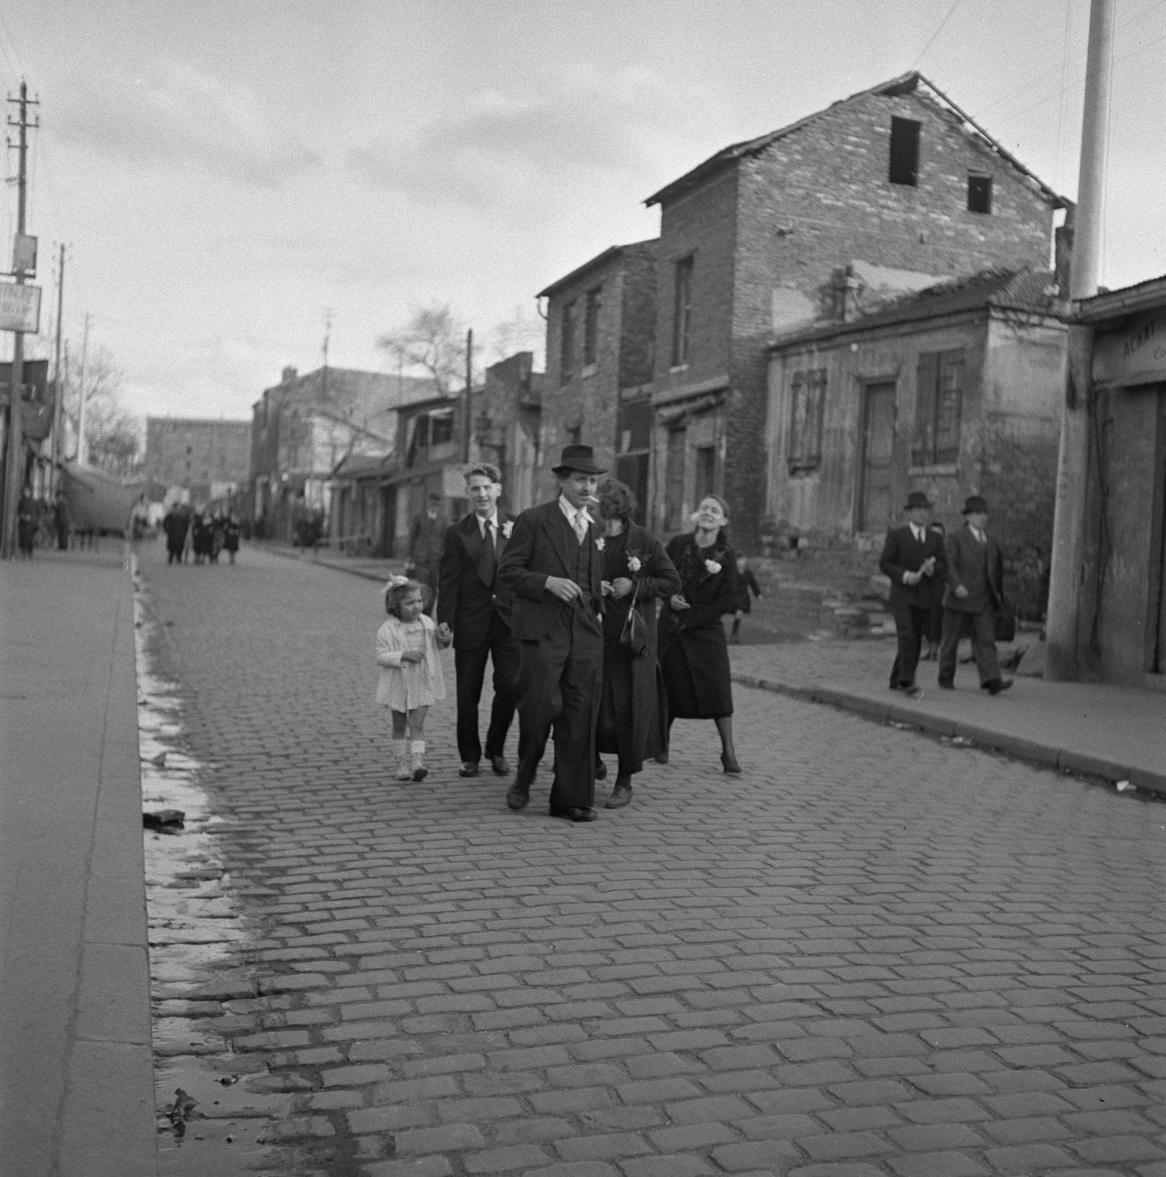 52. Группа людей на улице